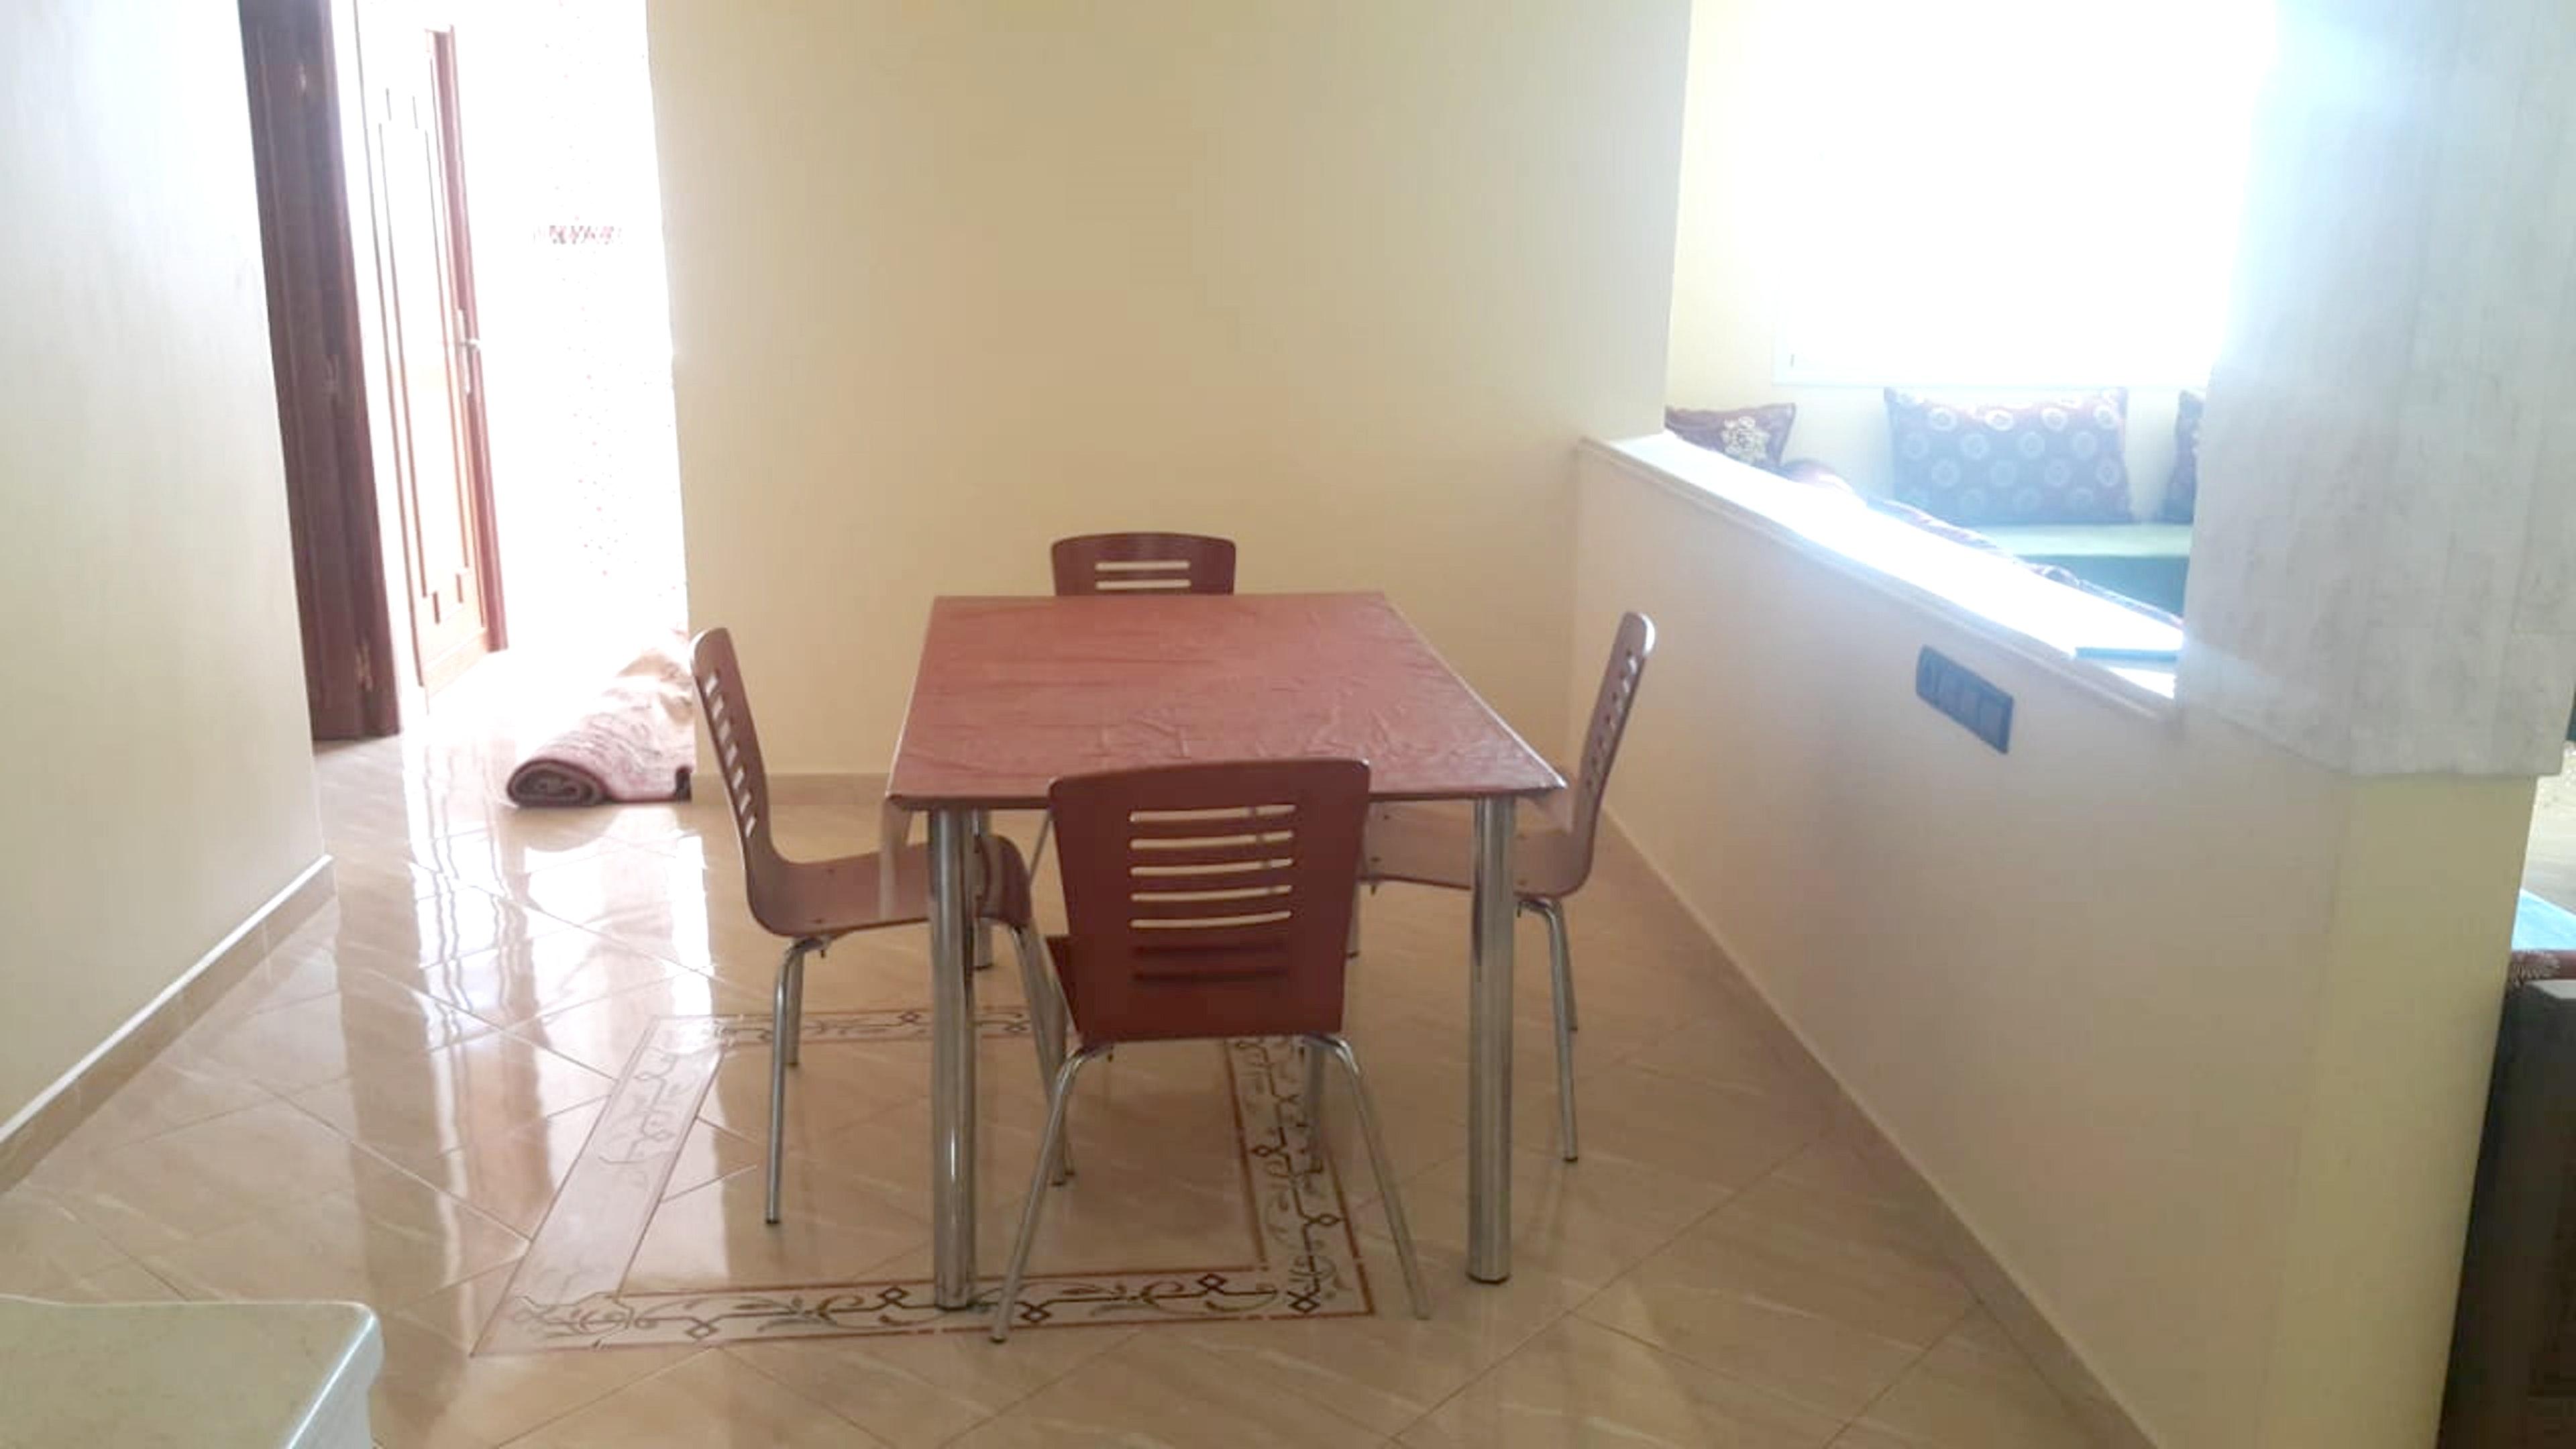 Wohnung mit 2 Schlafzimmern in Meknes mit schö Ferienwohnung in Marokko